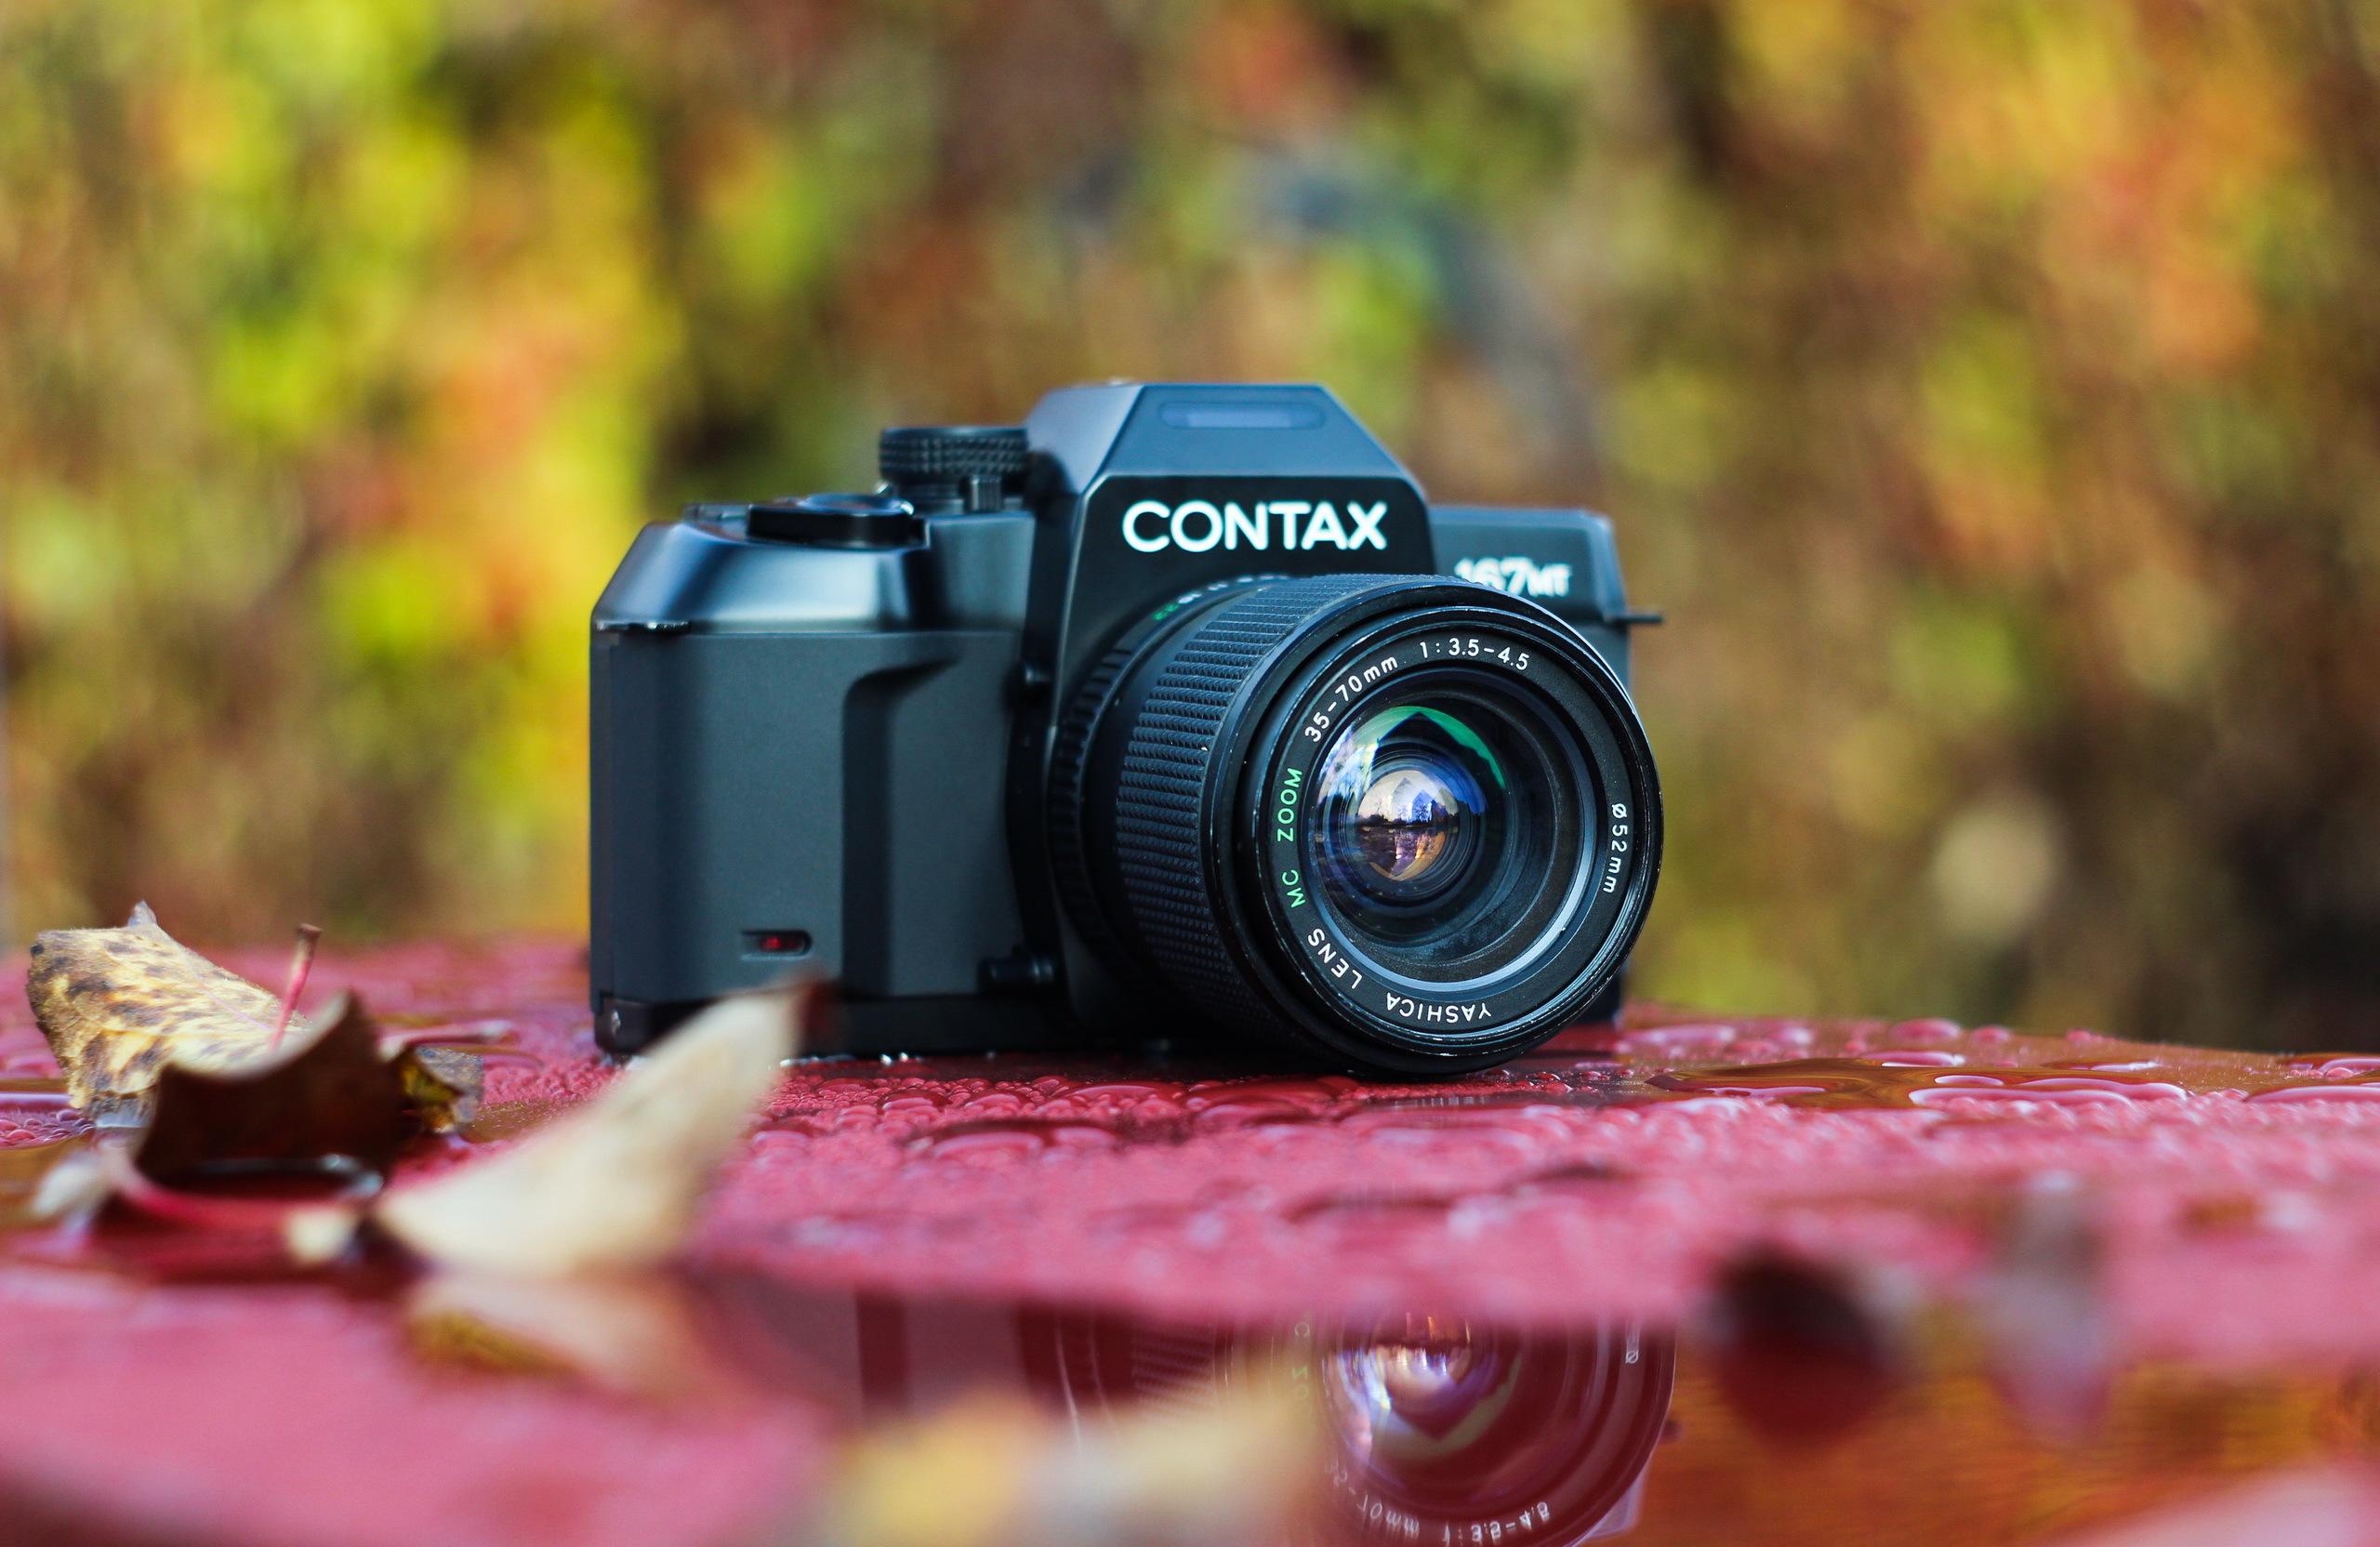 фотоаппарат для размытого фона открыт